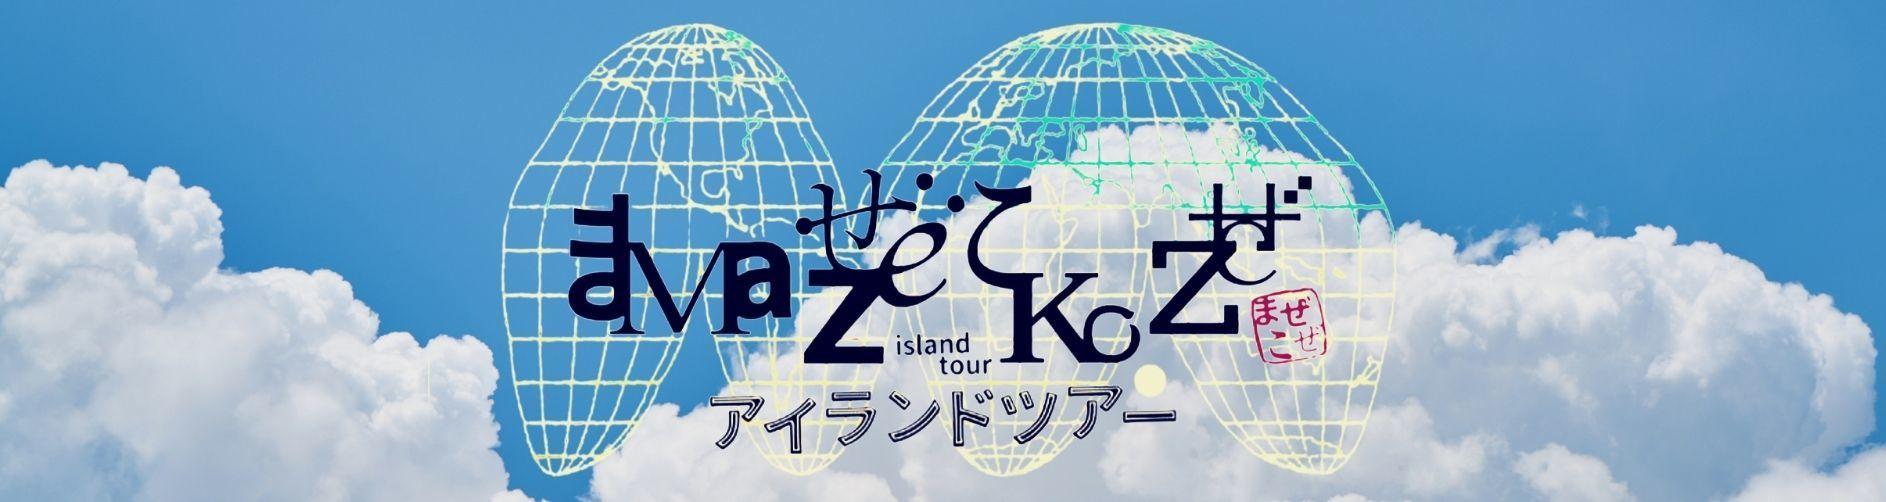 MAZEKOZE island tour